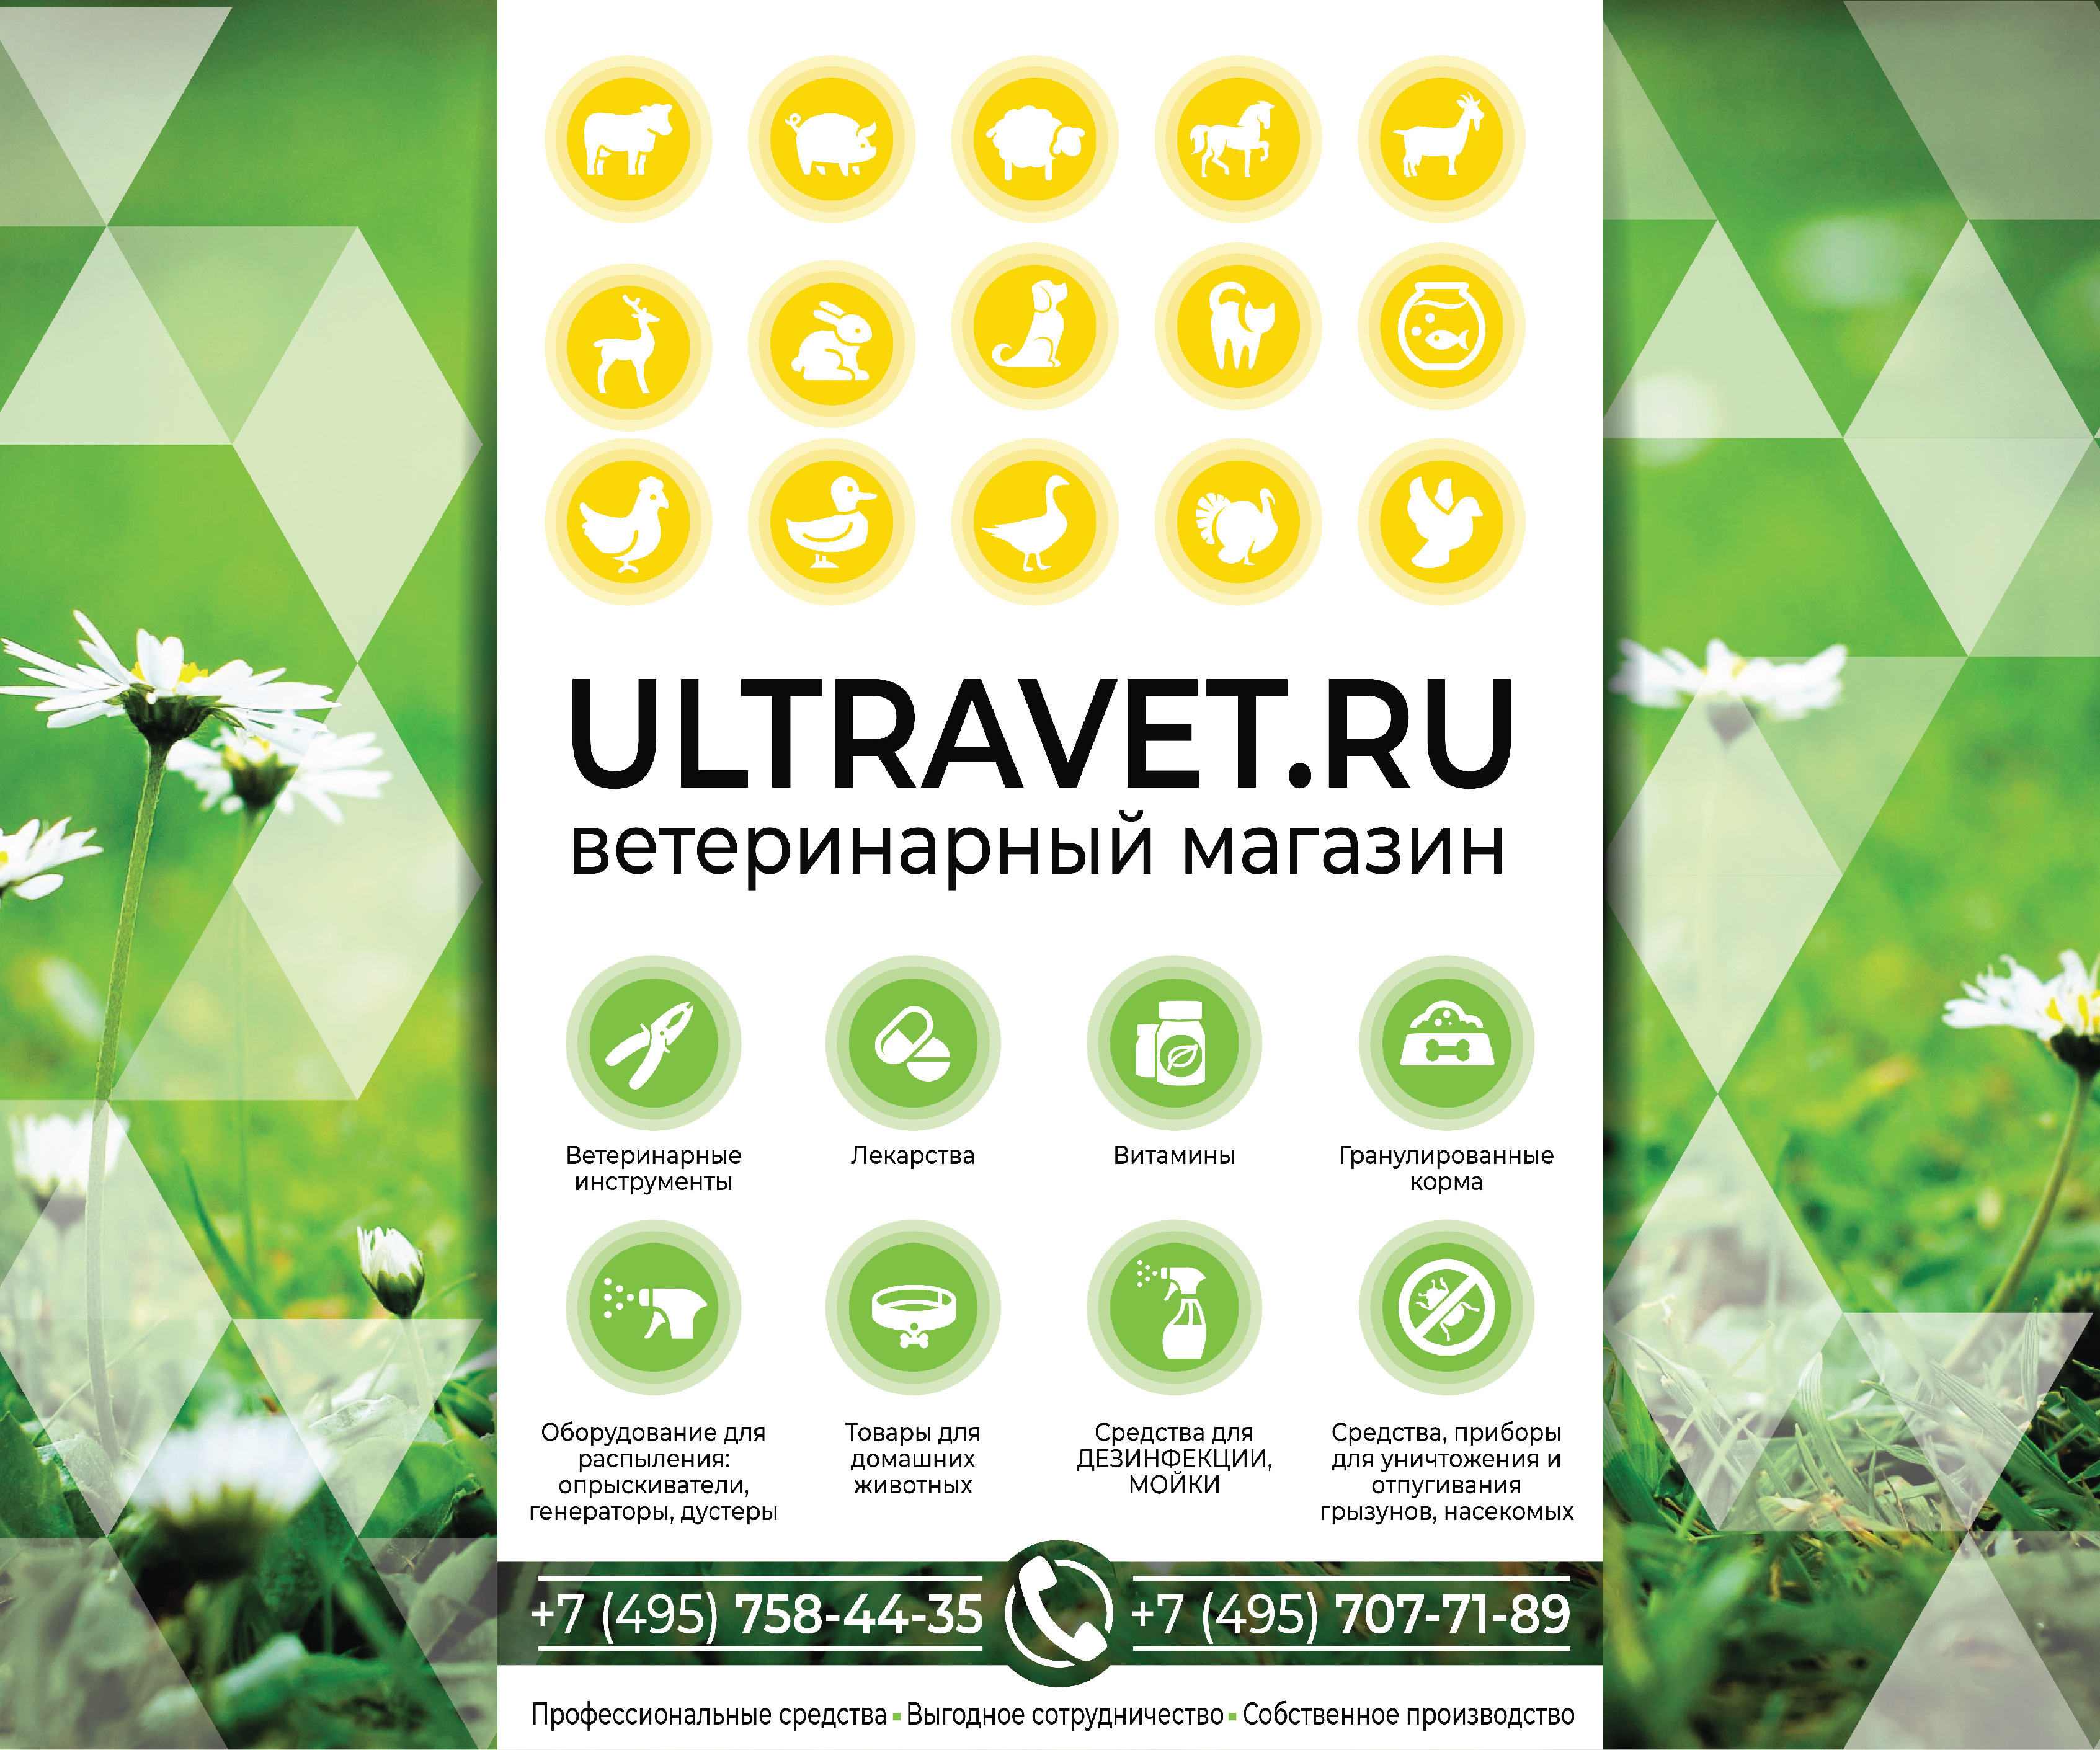 Нужен дизайн постера,  ширина 3 метра, высота 2,5 метра. фото f_8215c0e2a1bd0add.jpg